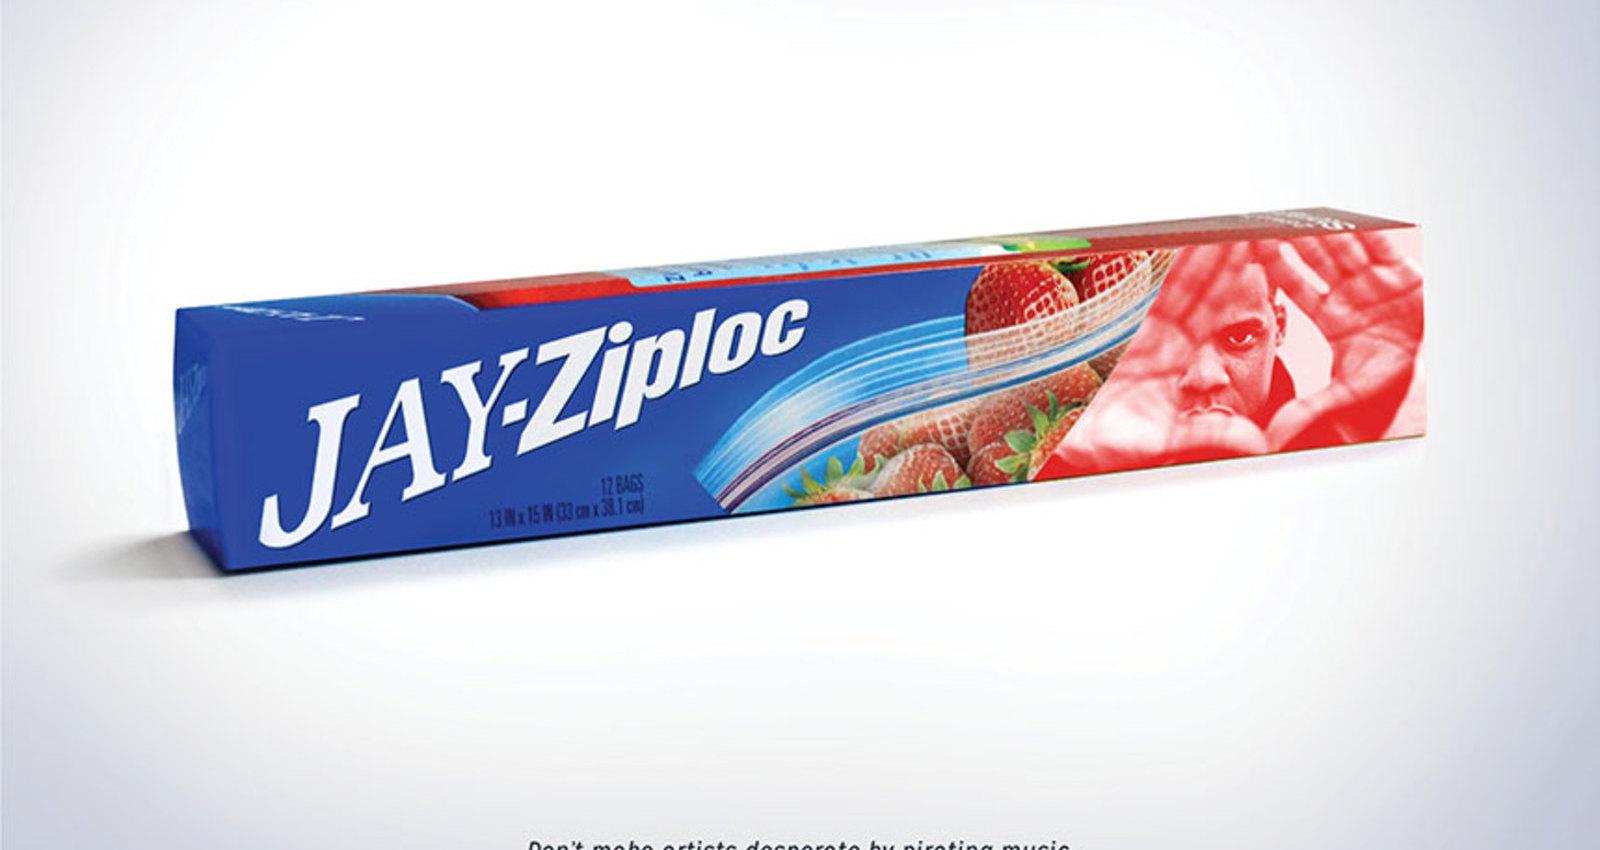 Product Endorsements